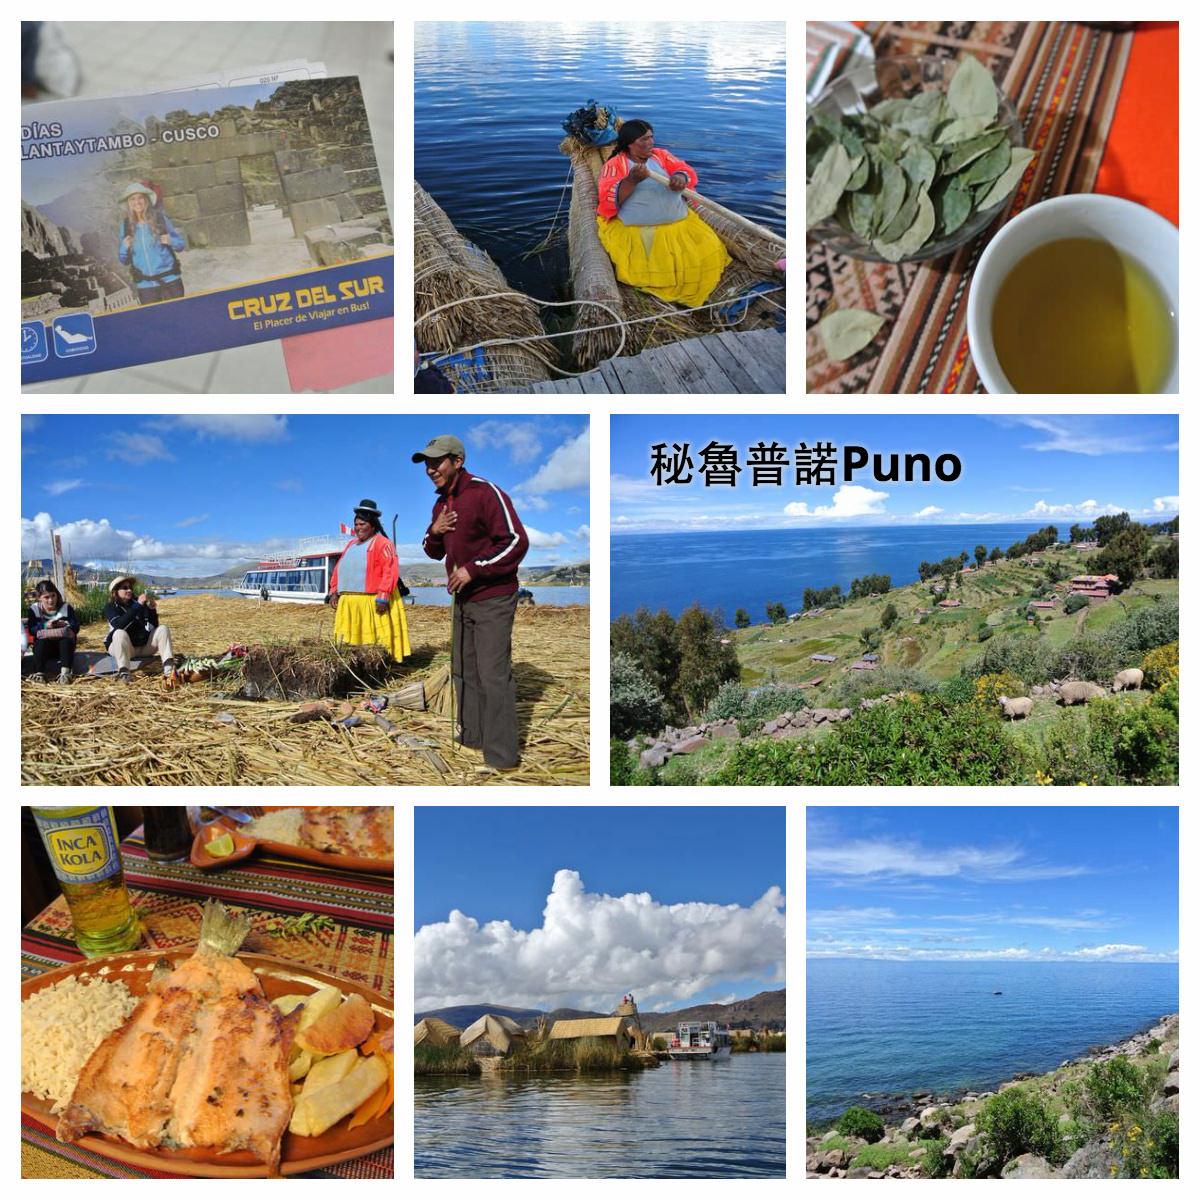 專欄|南美洲祕魯之旅 海拔超高的普諾 經典的的喀喀湖兩天一夜